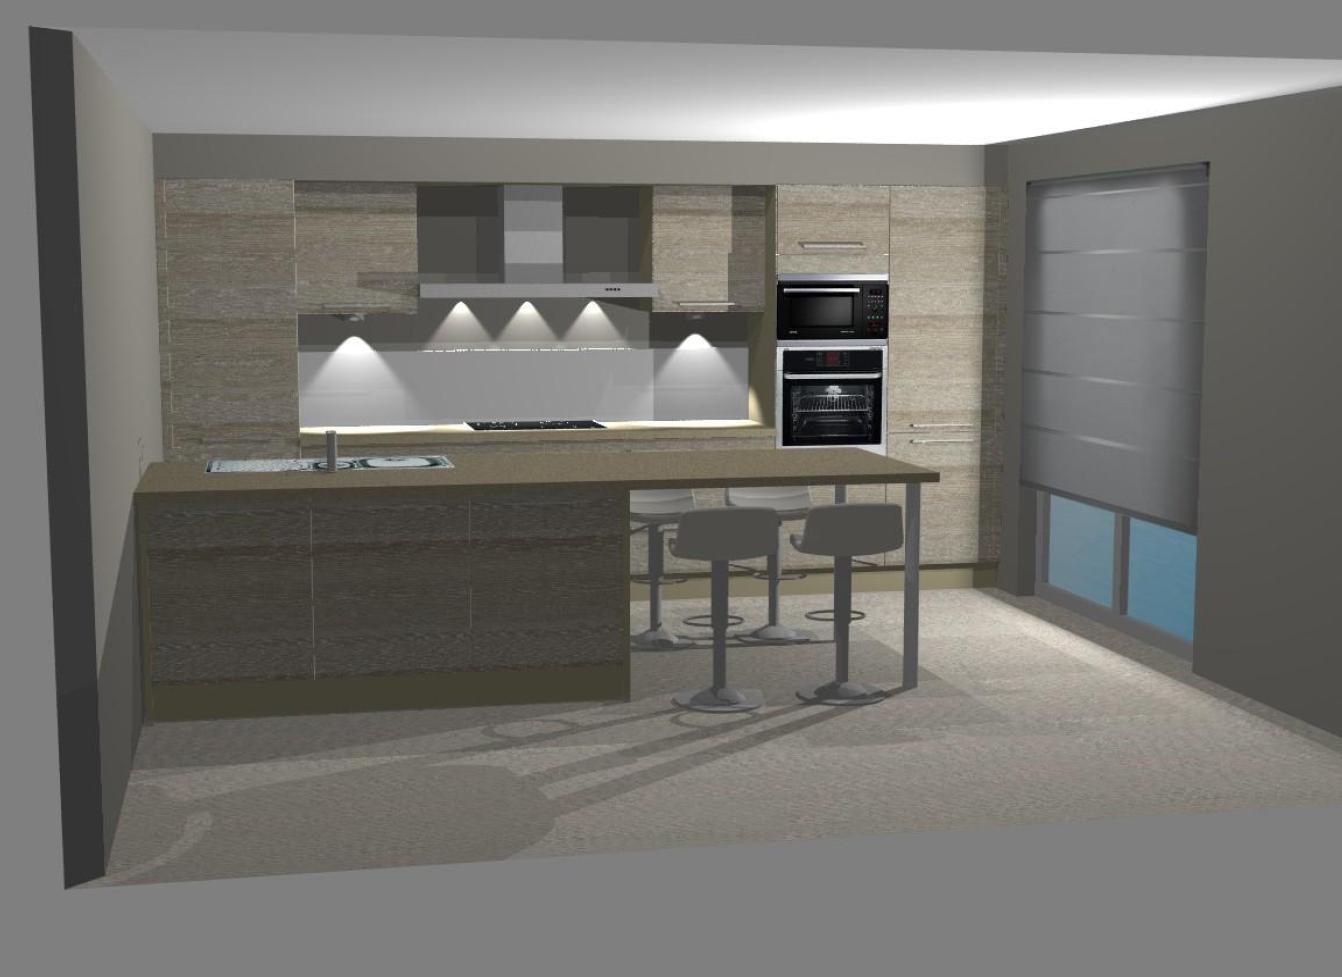 Bouw huis bart en veroniek keuken - Keuken rode en grijze muur ...